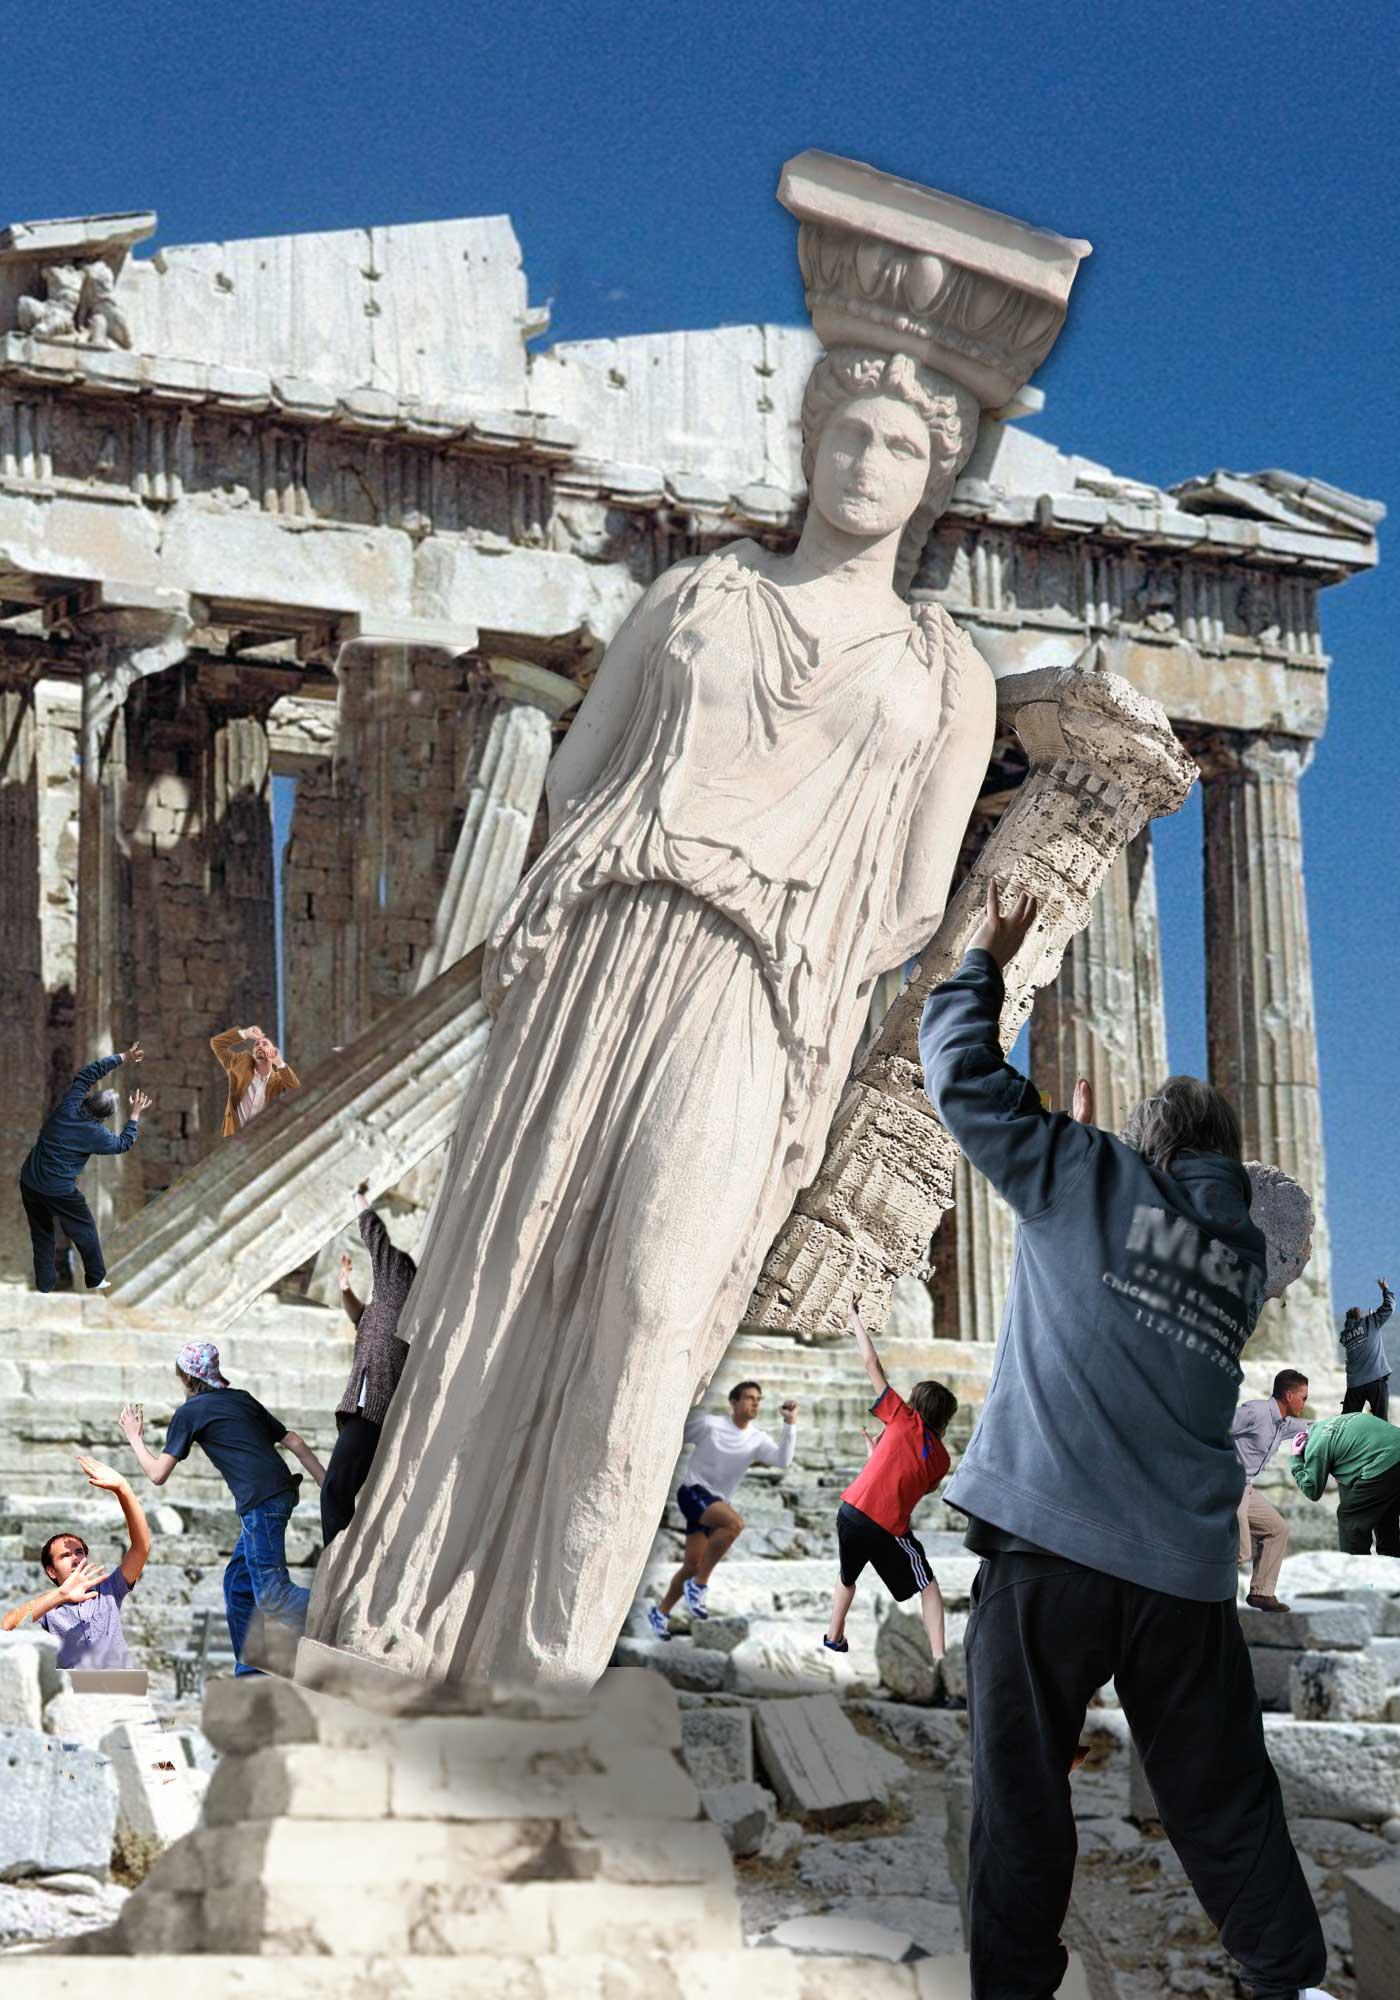 L'Infedele: il crack in Grecia è contagioso?